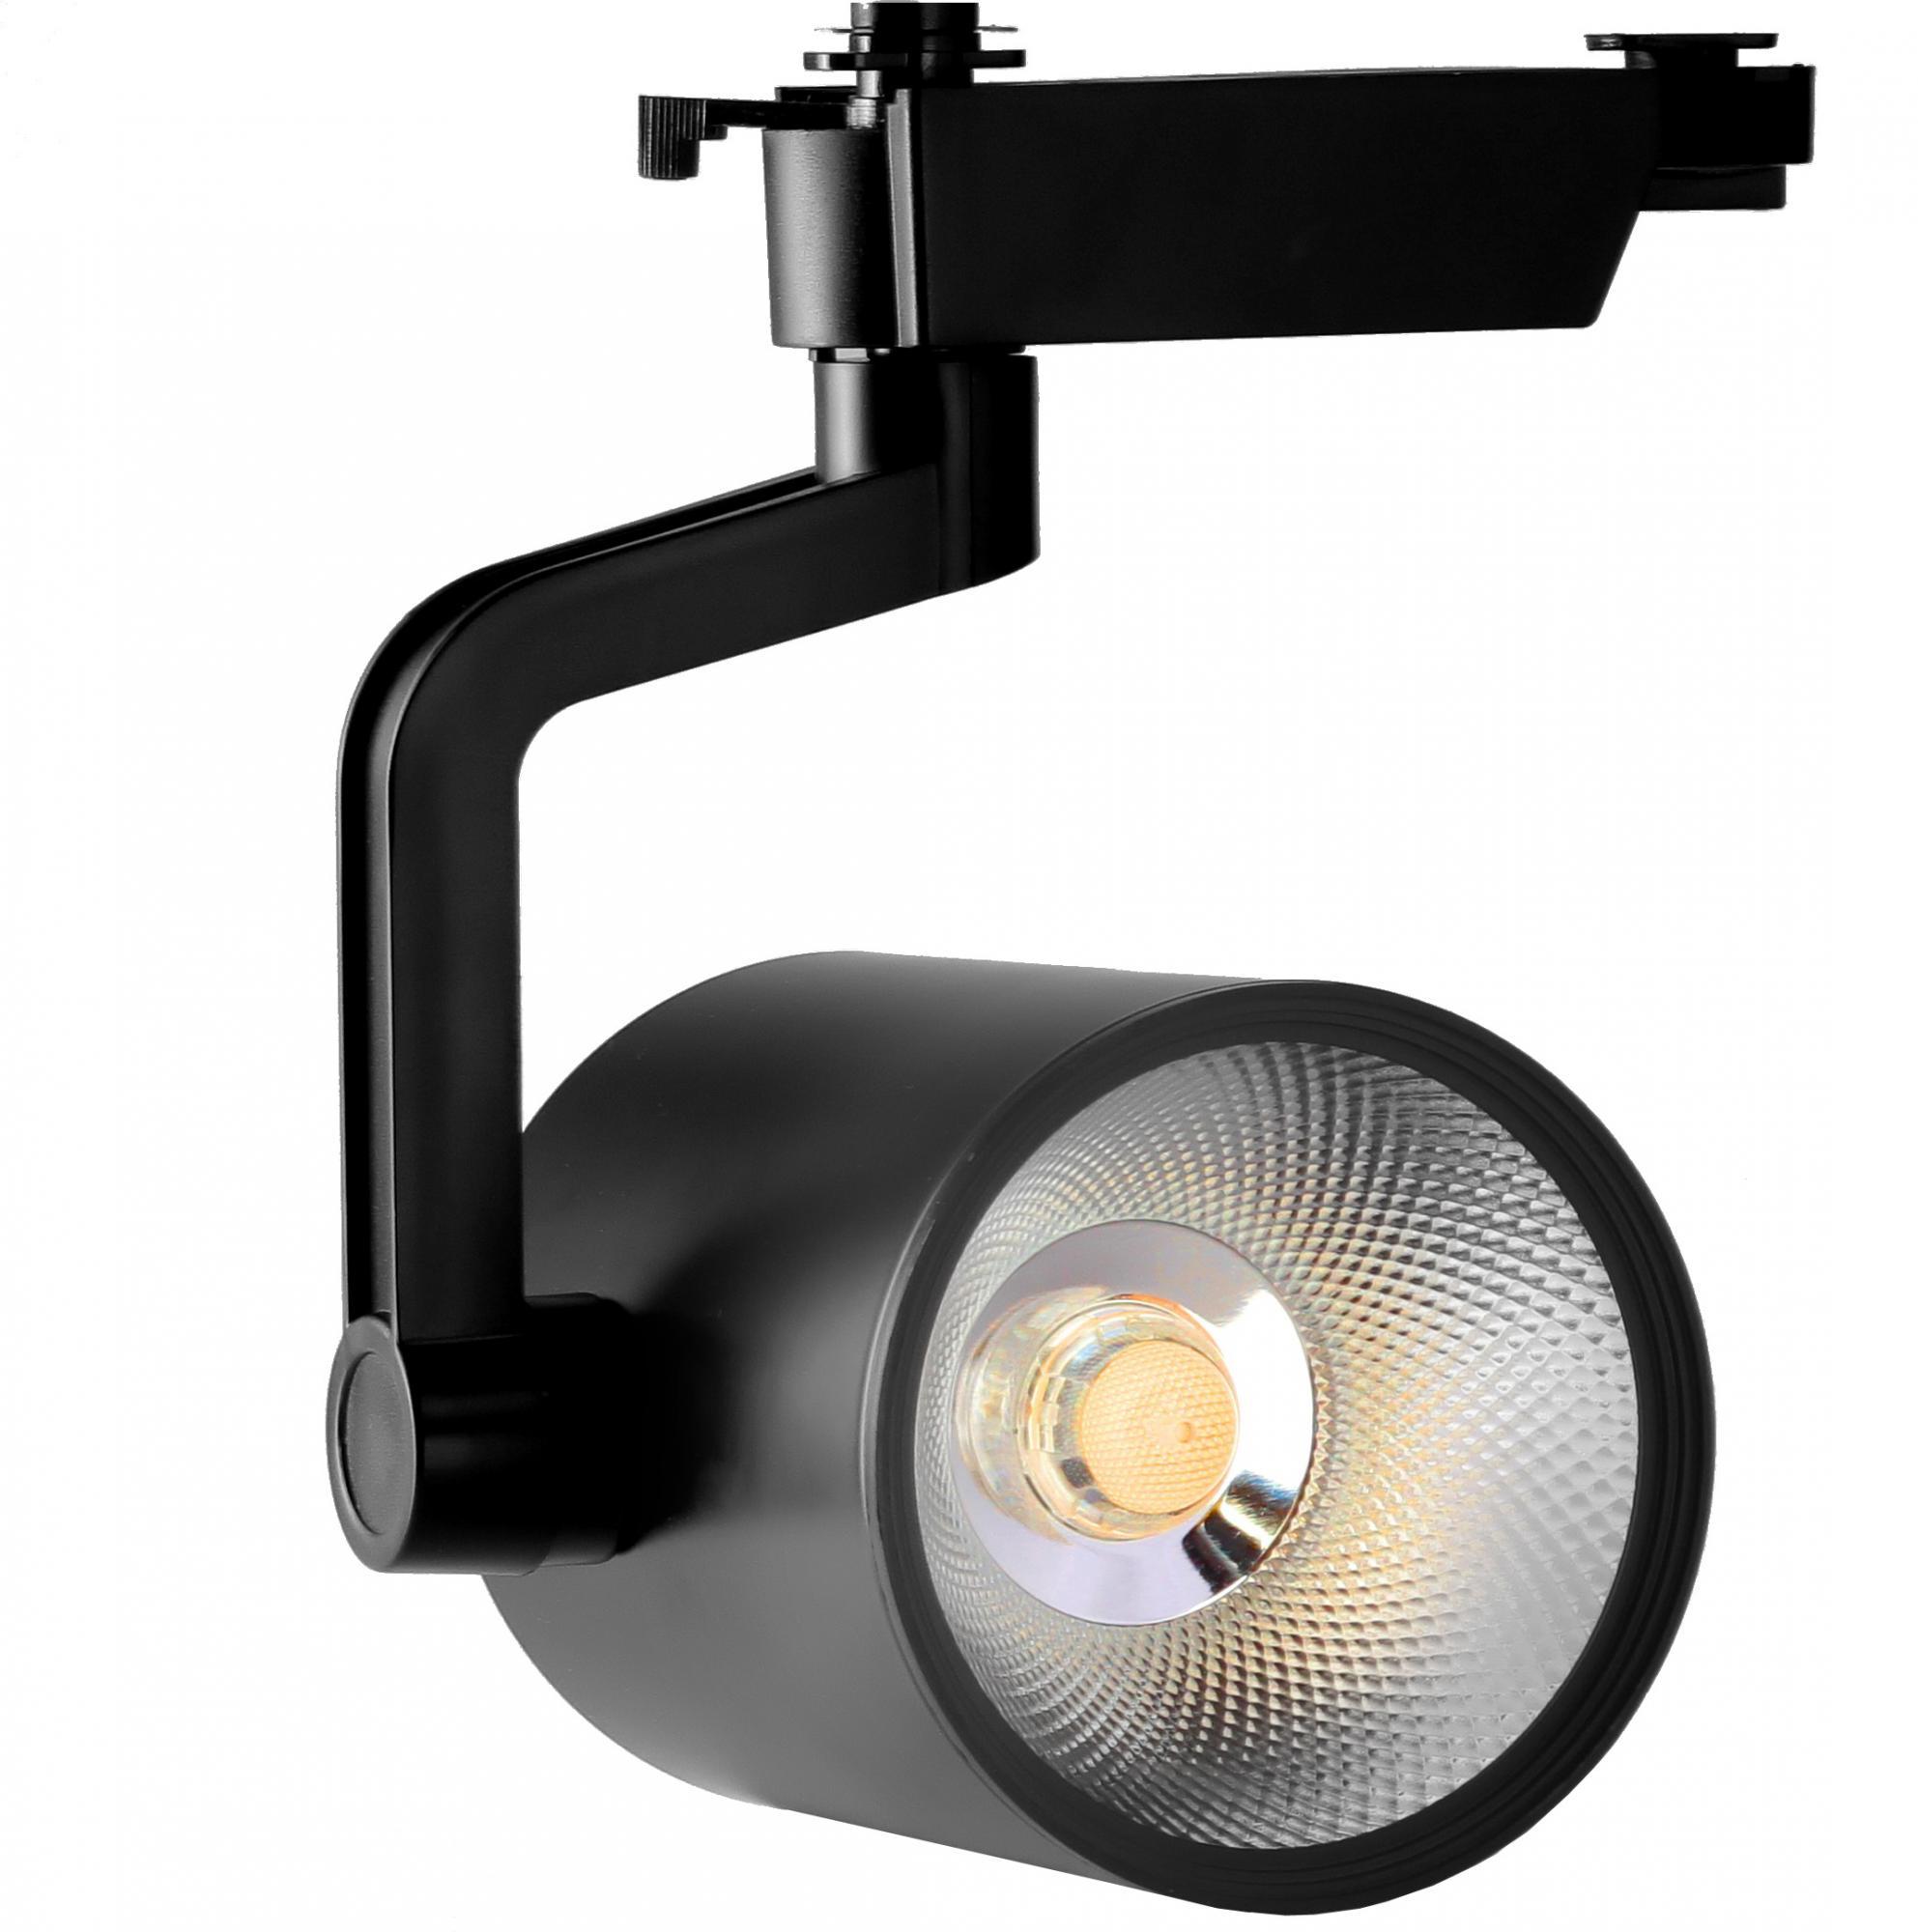 Пример современного трекового светильника со светодиодом COB, покрытым защитным силиконовым модулем